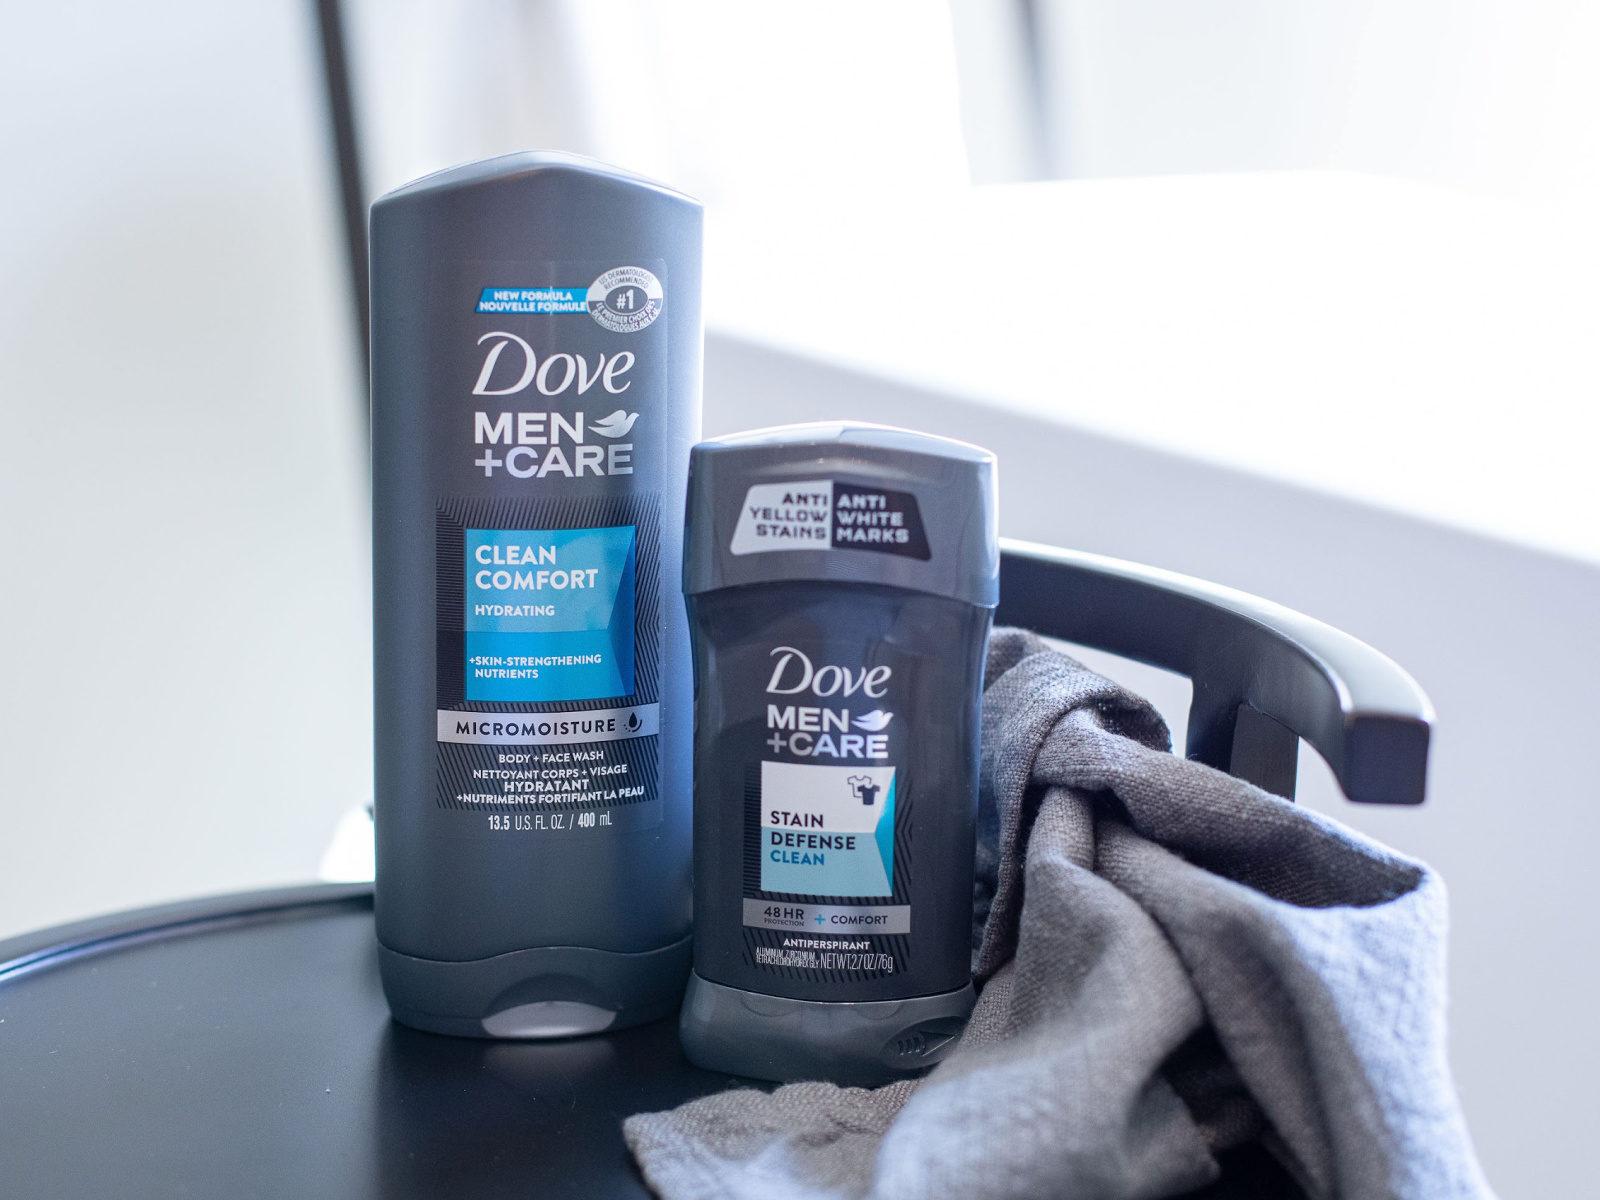 Super Deal On Dove Men+Care Deodorant & Body Wash At Publix - $1.30 Per Item on I Heart Publix